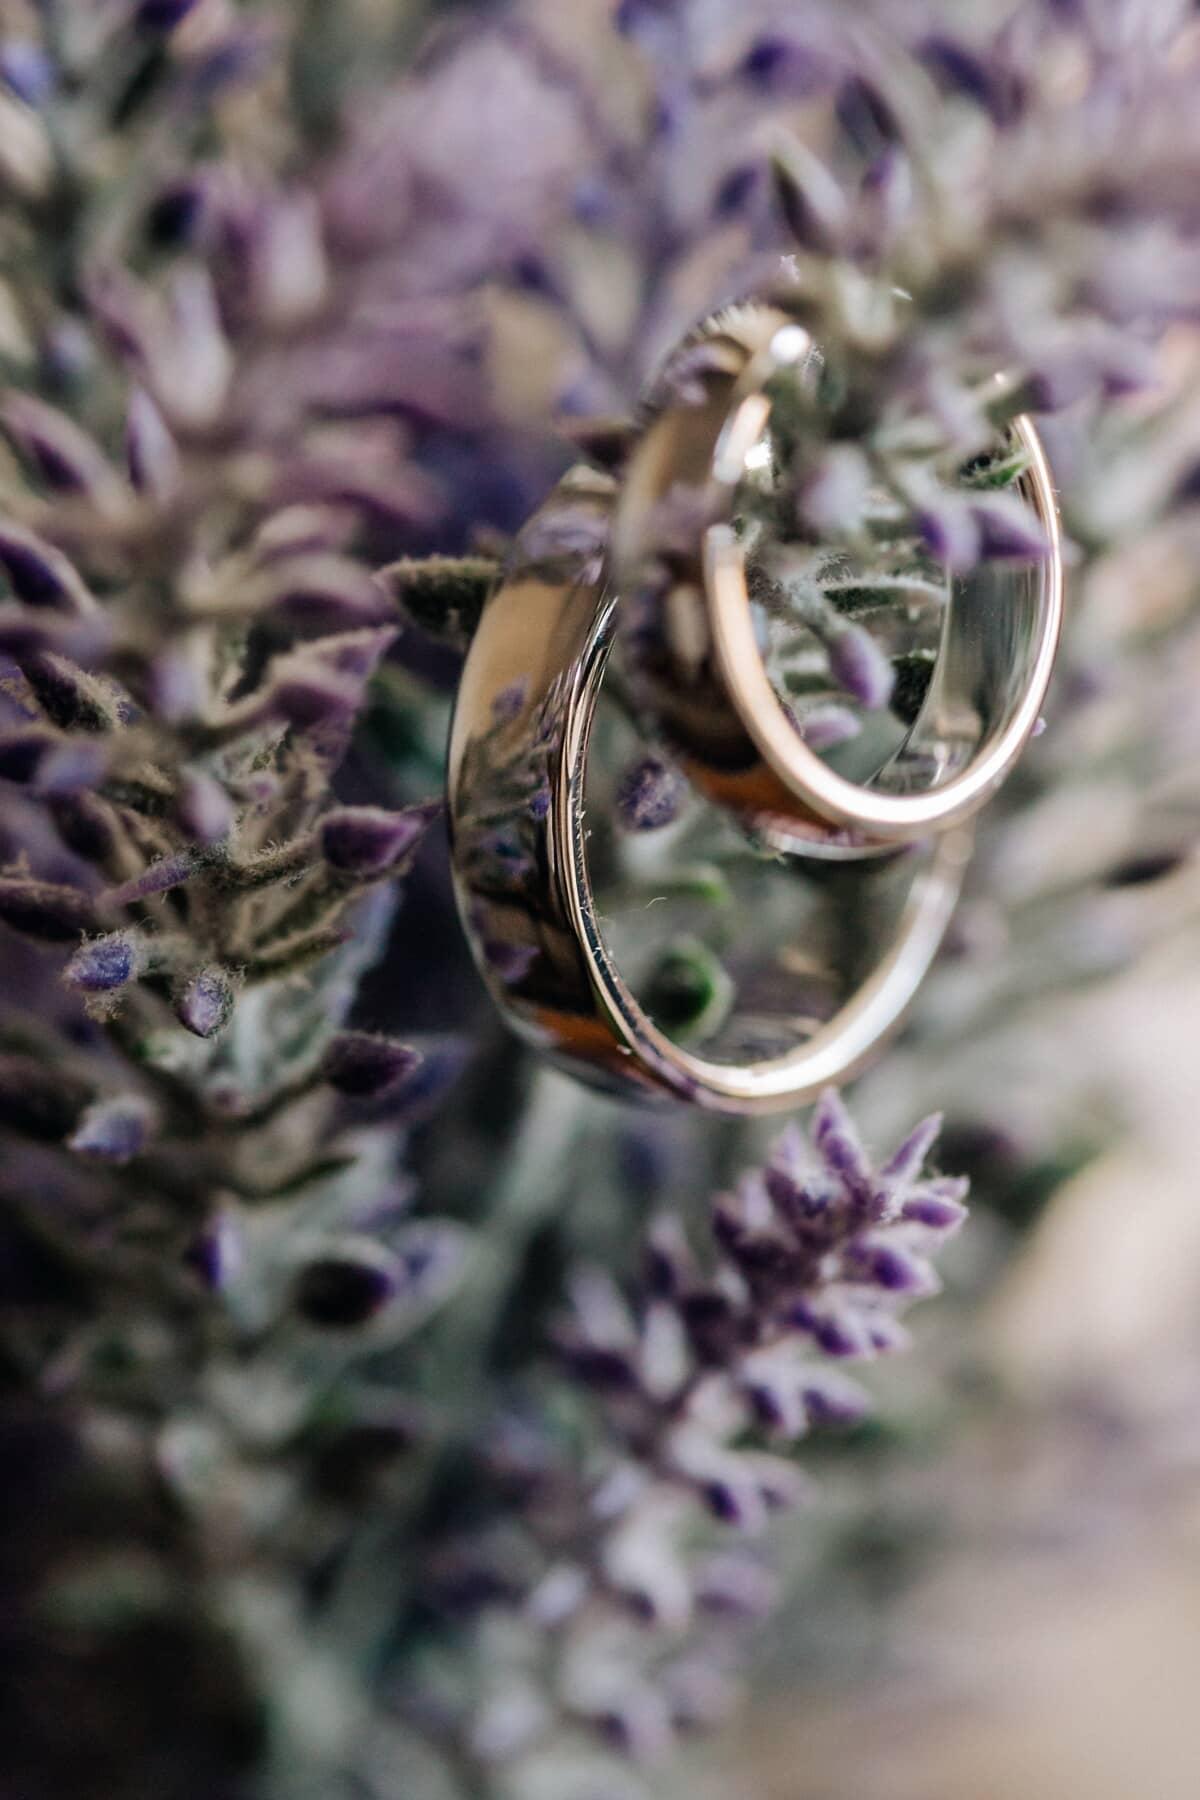 Ringe, goldener Glanz, Gold, glänzend, aus nächster Nähe, Fokus, Blumentopf, Lavendel, Blume, Kraut